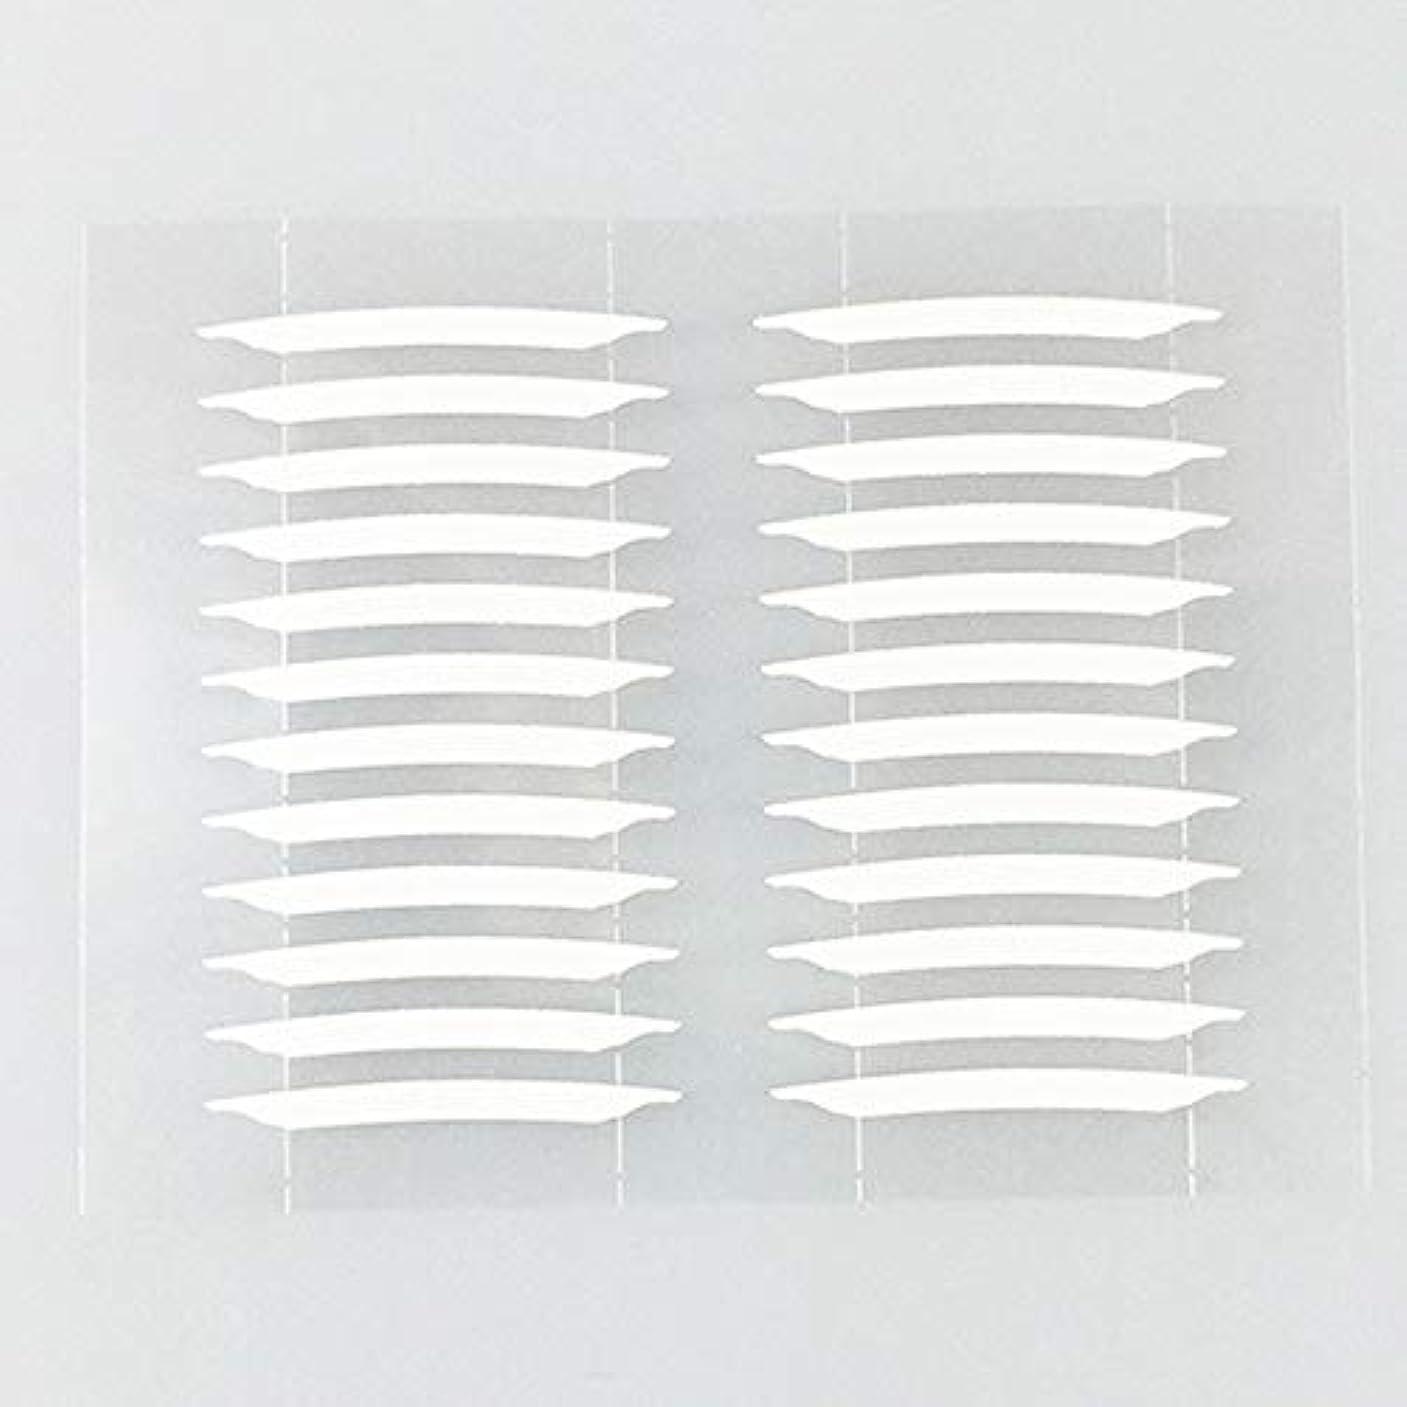 用語集本体適格ノーブランド品 二重まぶたファイバー 384本入り 6.4ヶ月分